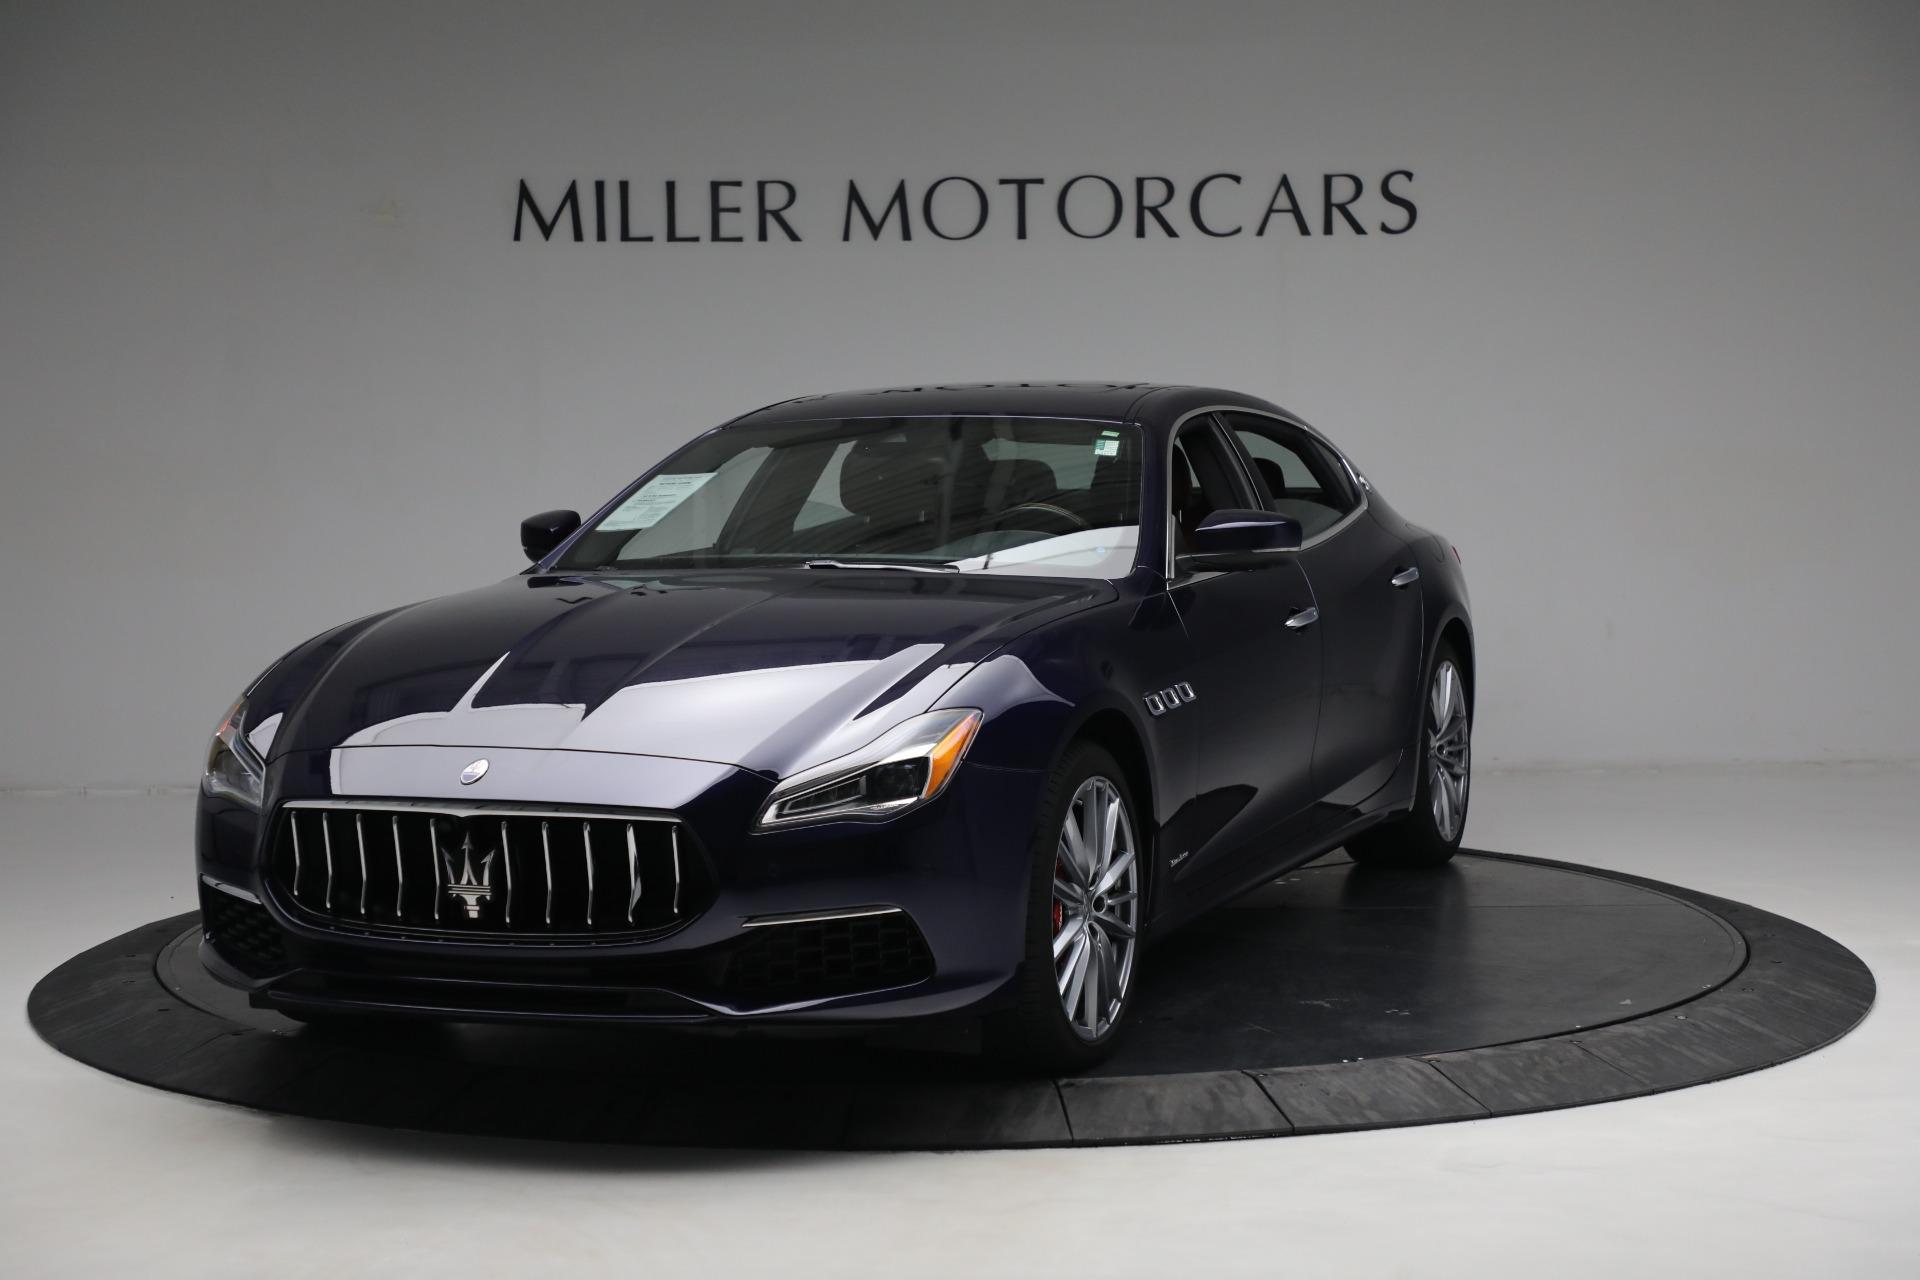 New 2019 Maserati Quattroporte S Q4 GranLusso For Sale In Greenwich, CT 2746_main